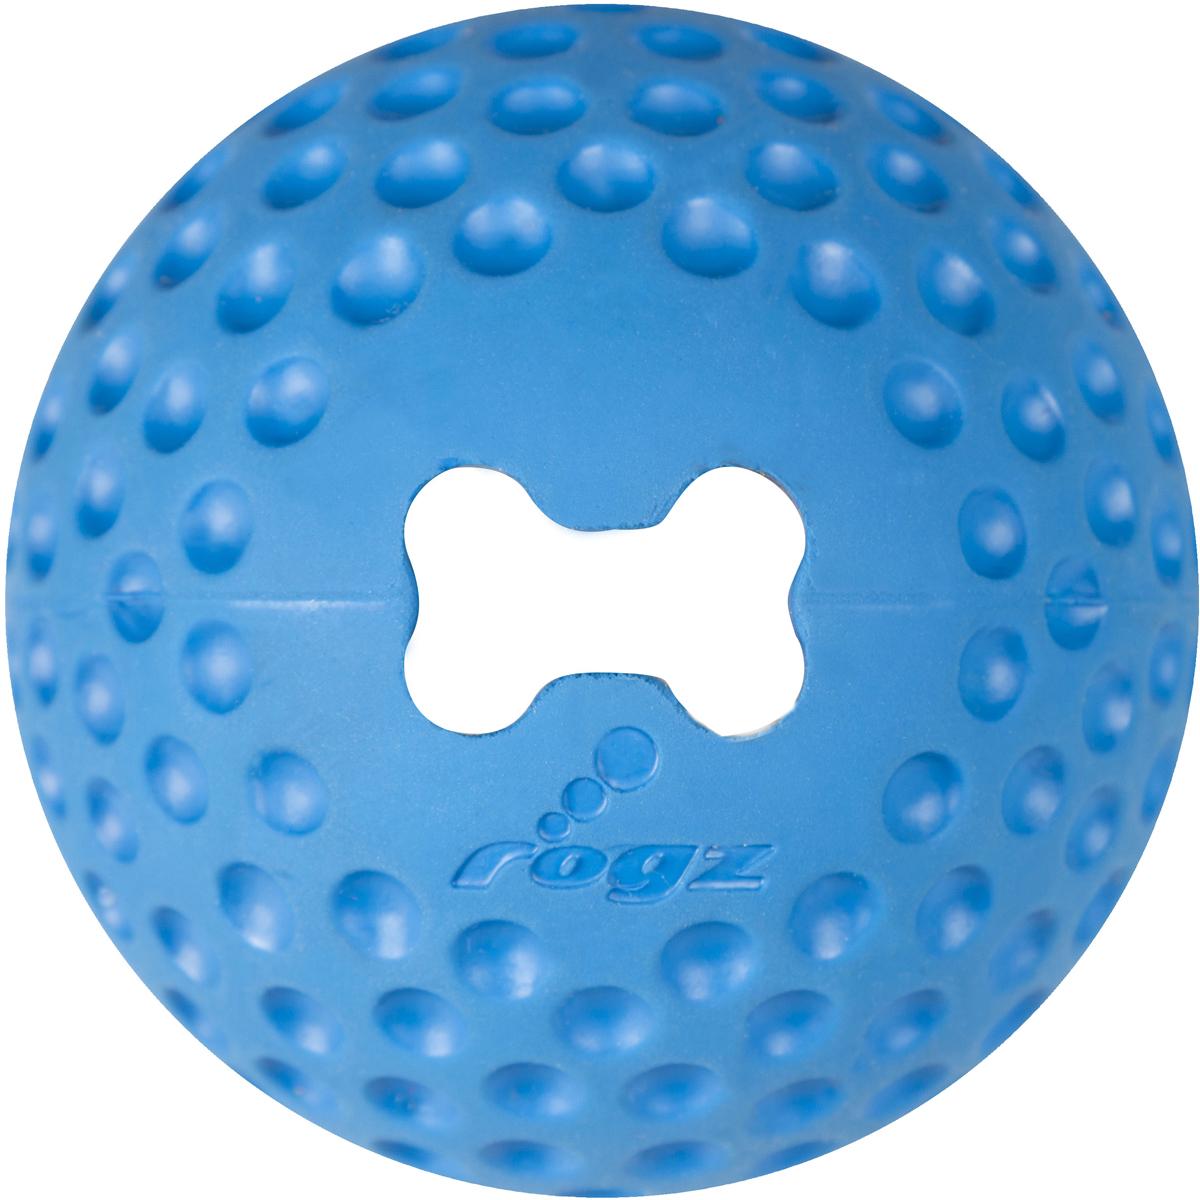 Игрушка для собак Rogz Gumz, с отверстием для лакомства, цвет: синий, диаметр 6,4 смsh-07103MИгрушка для собак Rogz Gumz тренирует жевательные мышцы и массирует десны собаке. Отлично подходит для дрессировки, так как есть отверстие для лакомства.Отлично подпрыгивает при играх.Занимательная игрушка выдерживает долгое жевание и разгрызание. Материал изделия: 85 % натуральной резины, 15 % синтетической резины. Не токсичен.